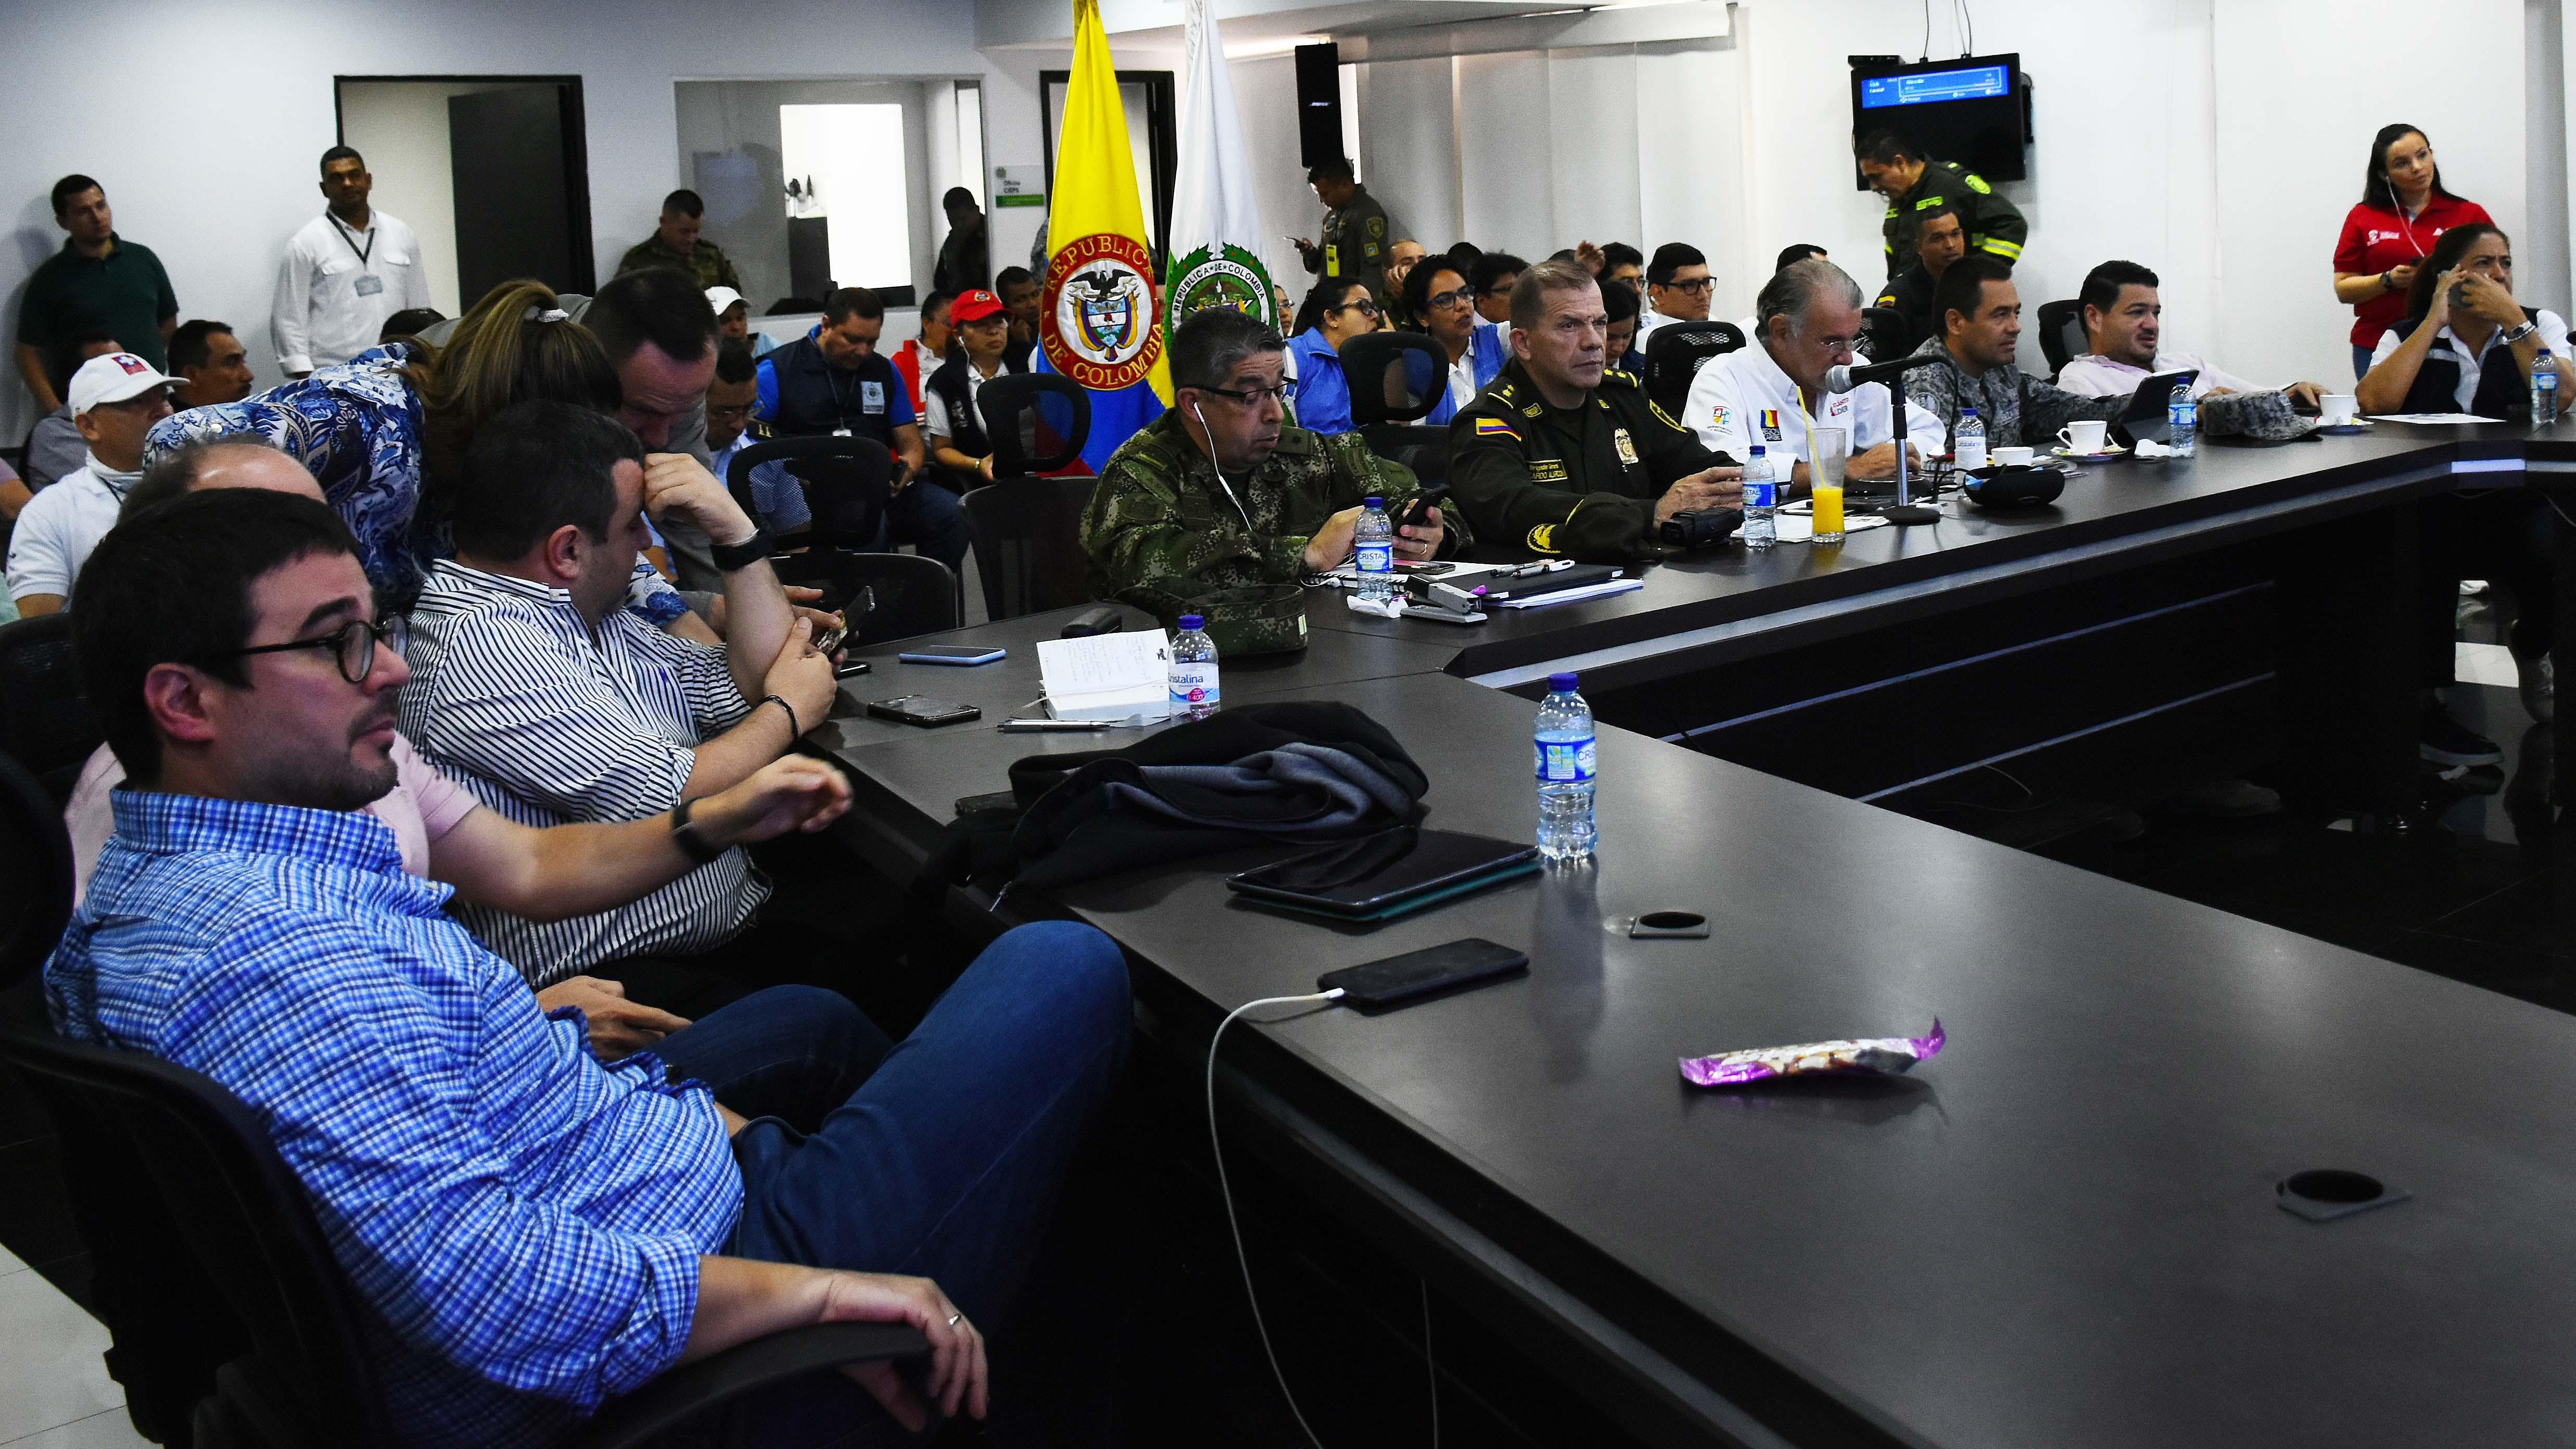 Las autoridades reunidas en el PMU. Uno de los acuerdos fue permitir que un miembro de la CUT estuviera presente en el lugar.